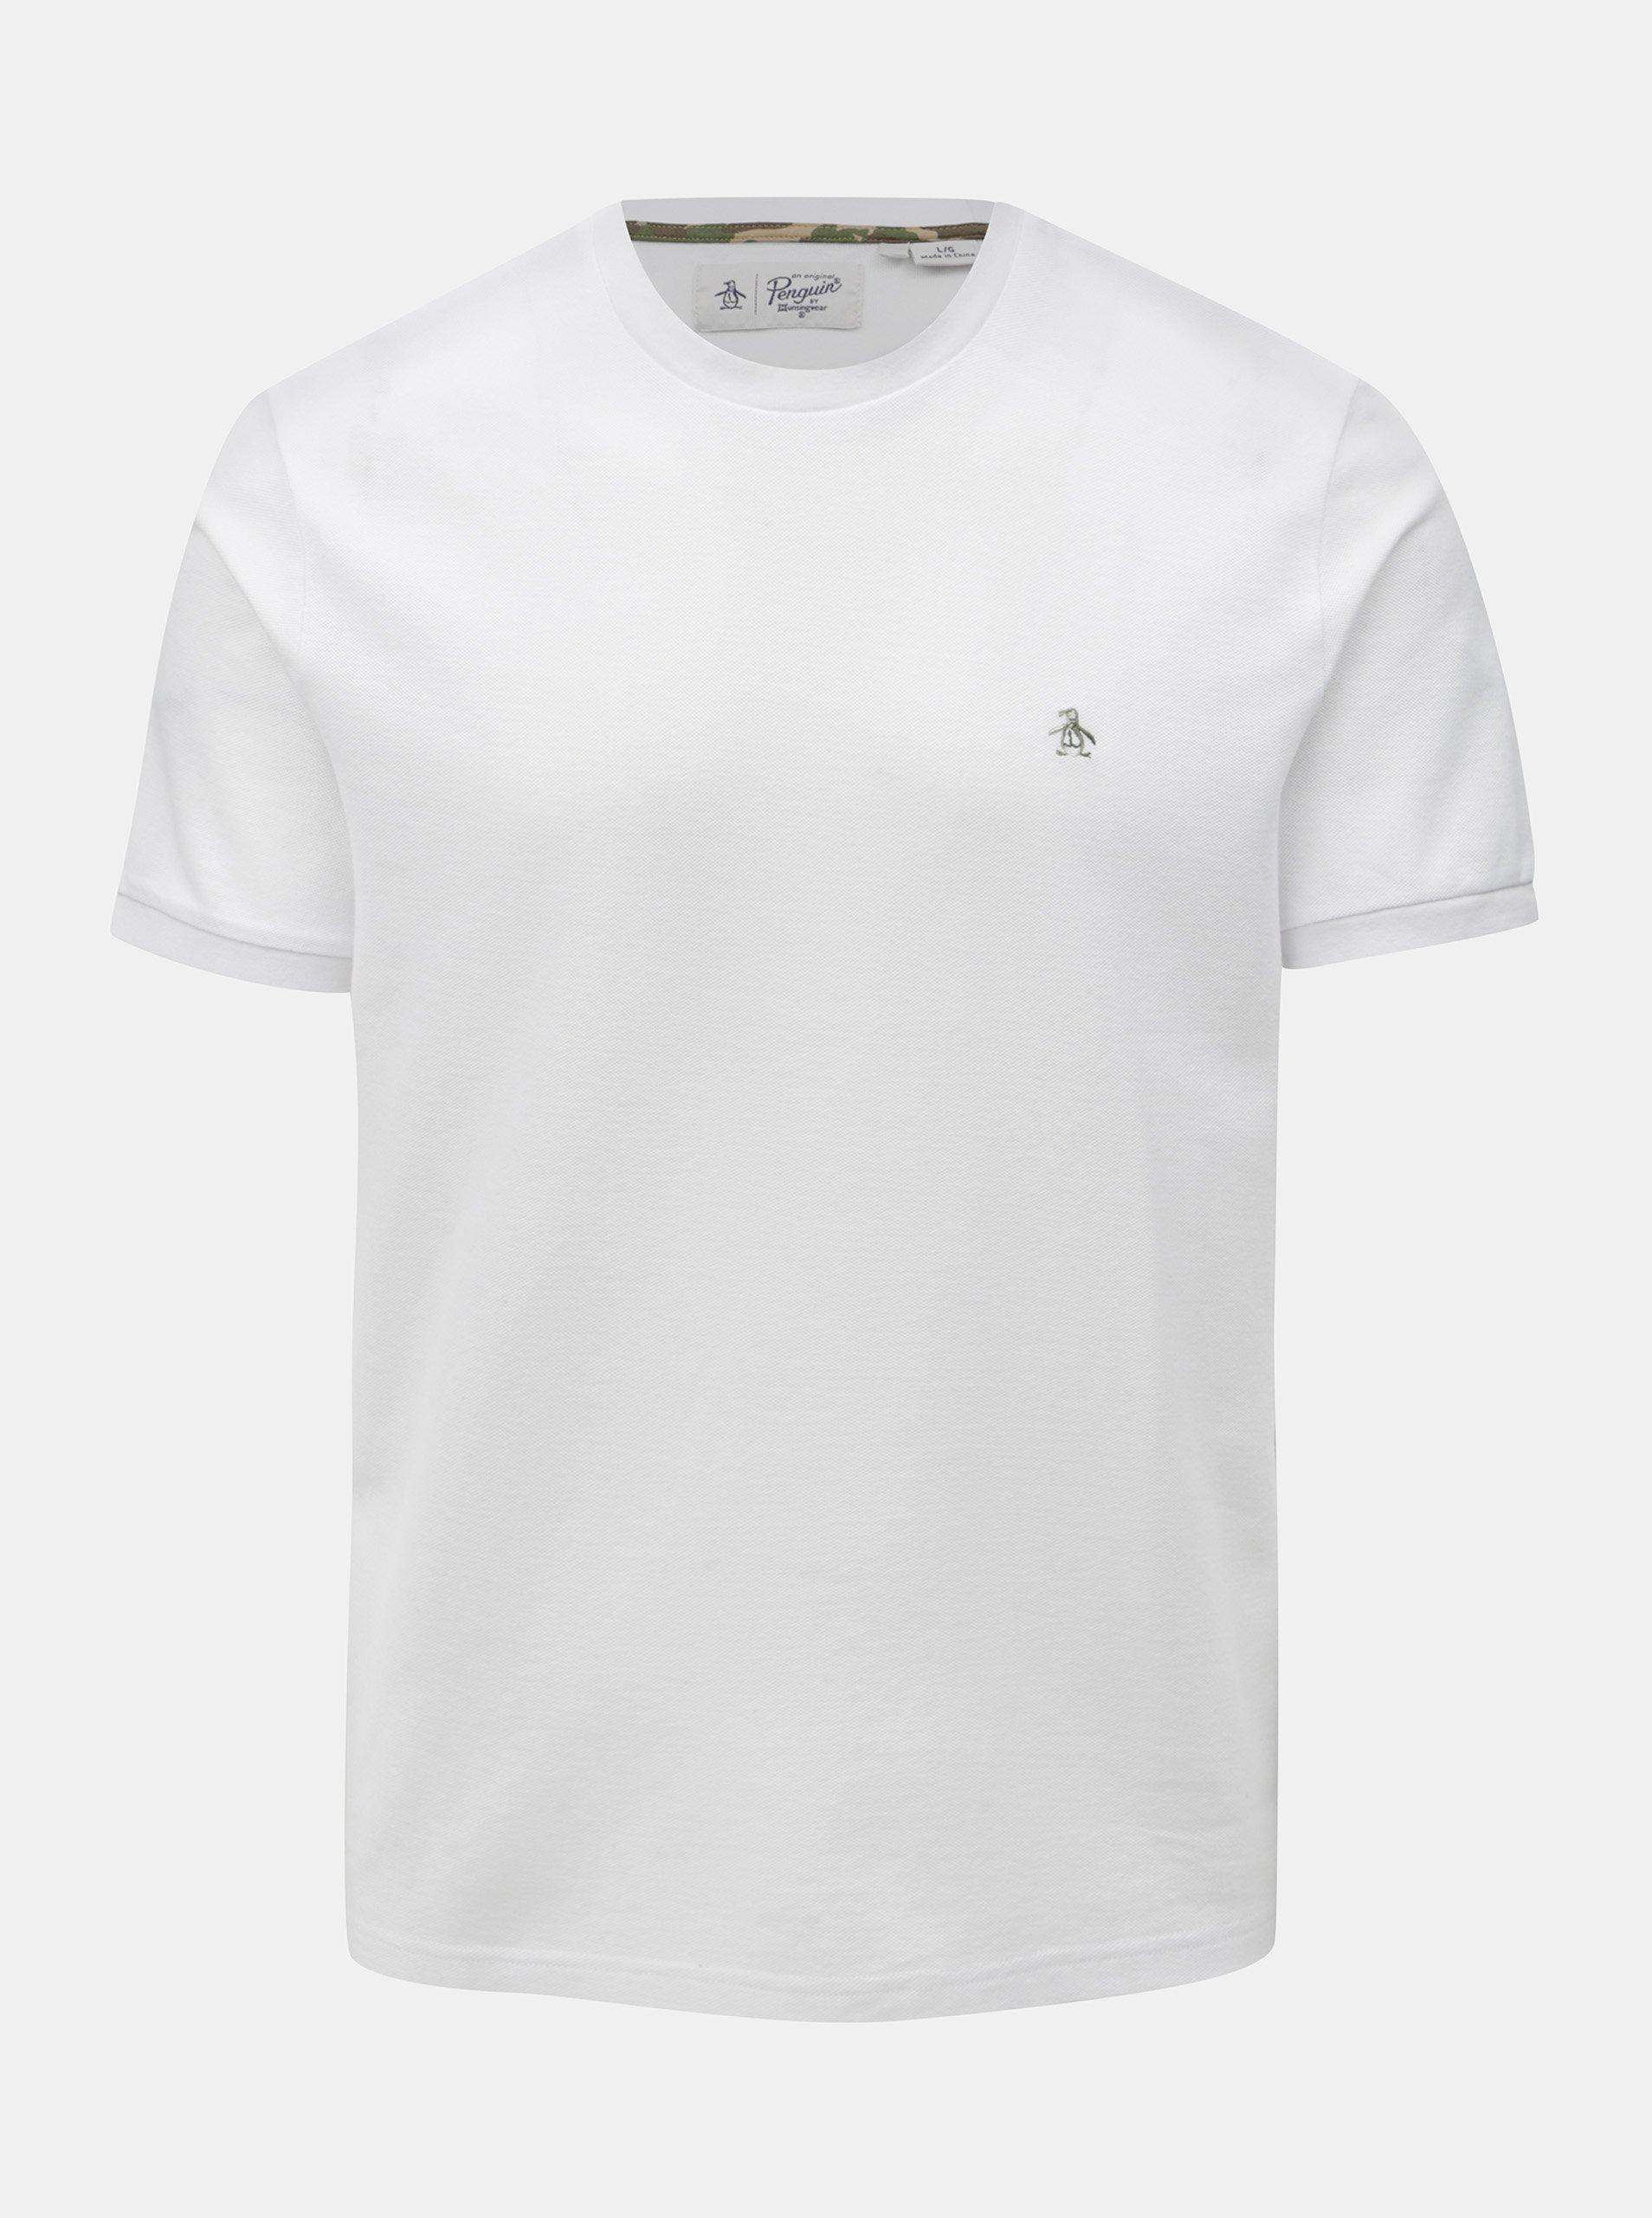 Bílé basic tričko s drobnou výšivkou Original Penguin Camo logo